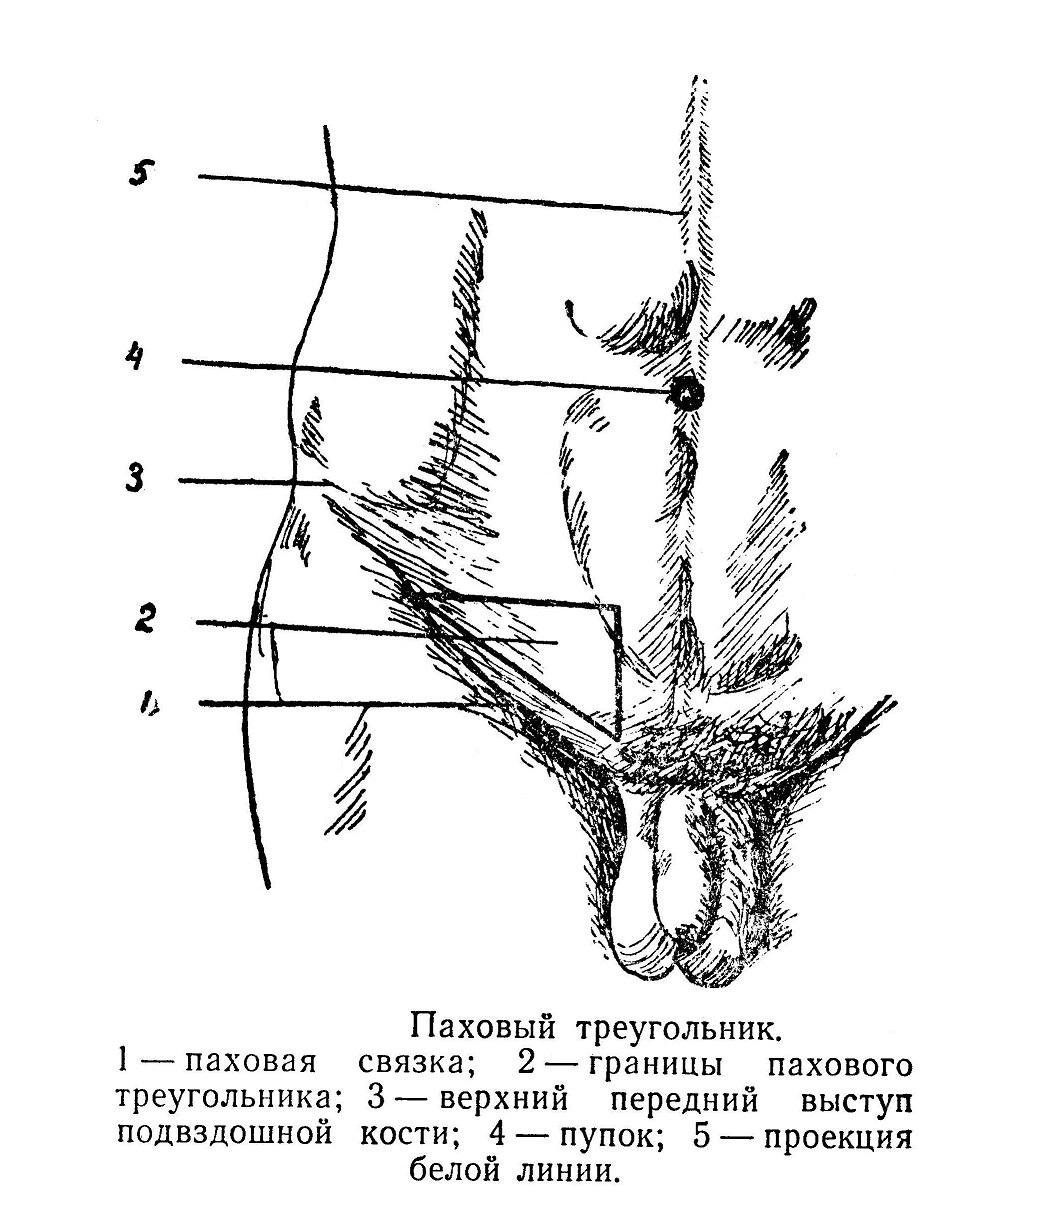 Паховый треугольник